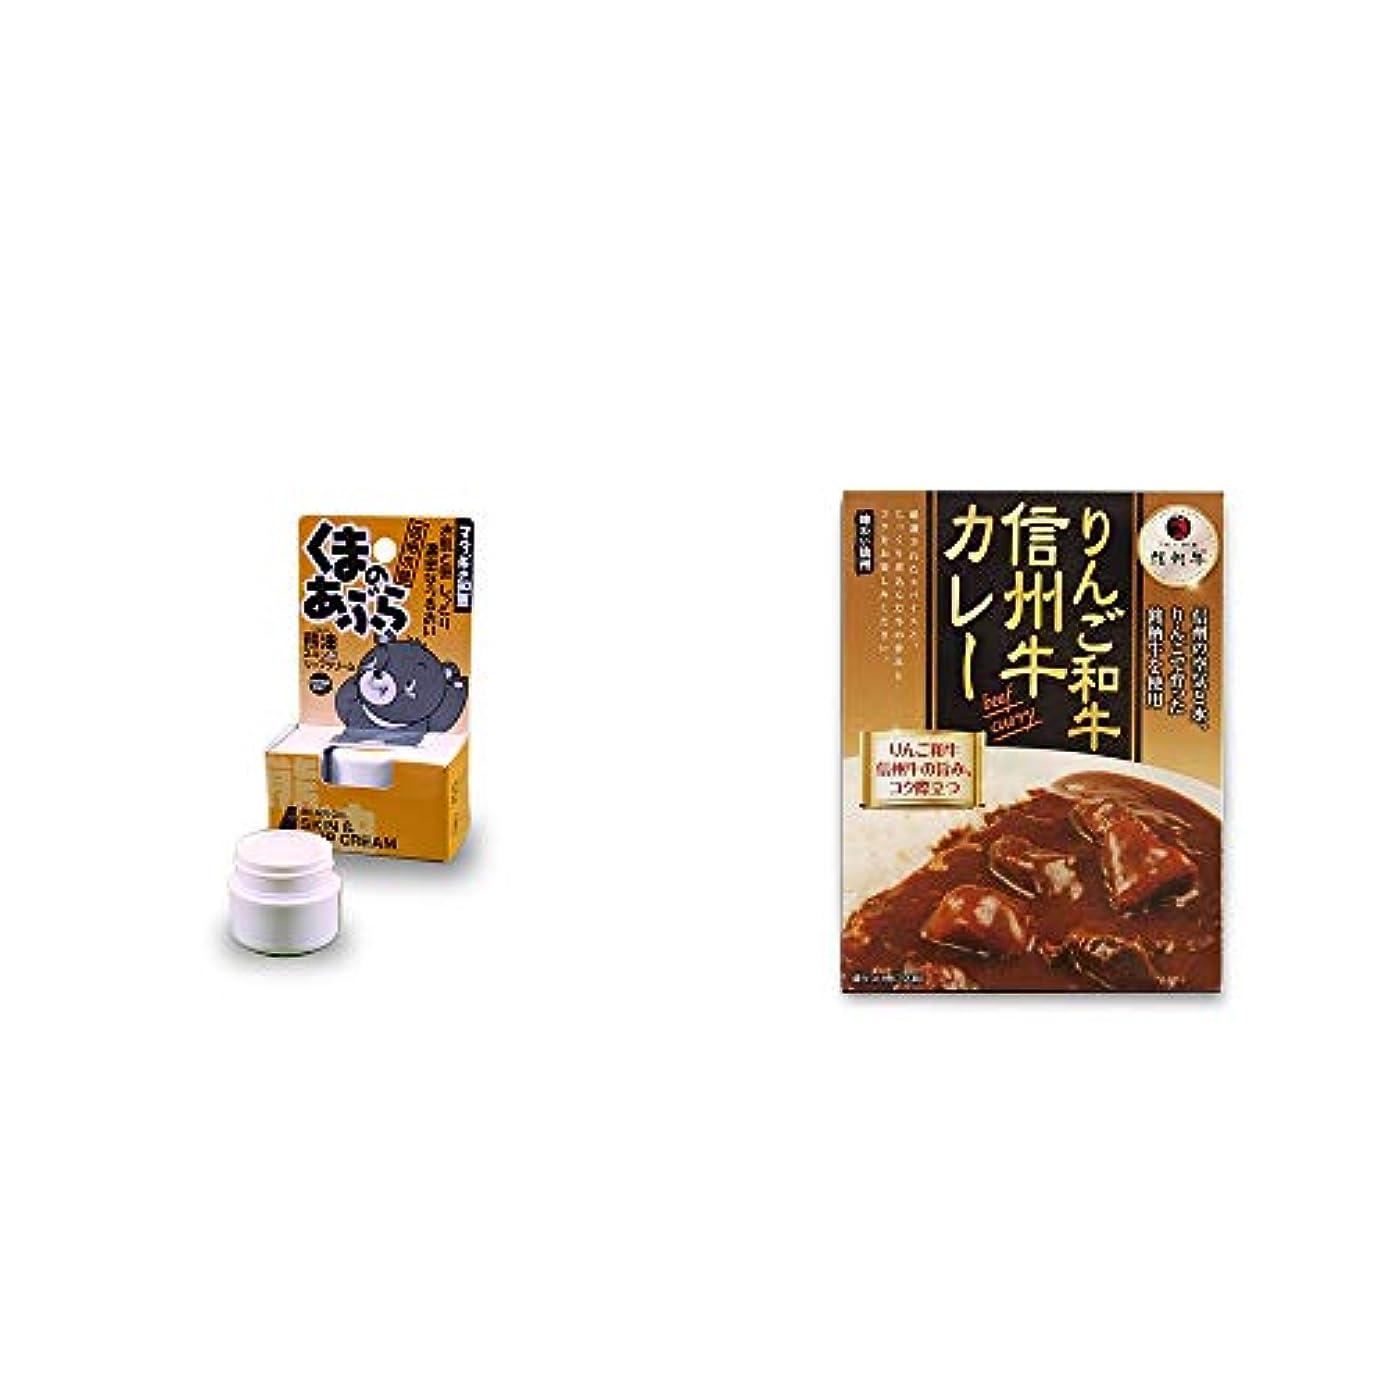 最終アスペクトロッジ[2点セット] 信州木曽 くまのあぶら 熊油スキン&リップクリーム(9g)?りんご和牛 信州牛カレー(1食分)